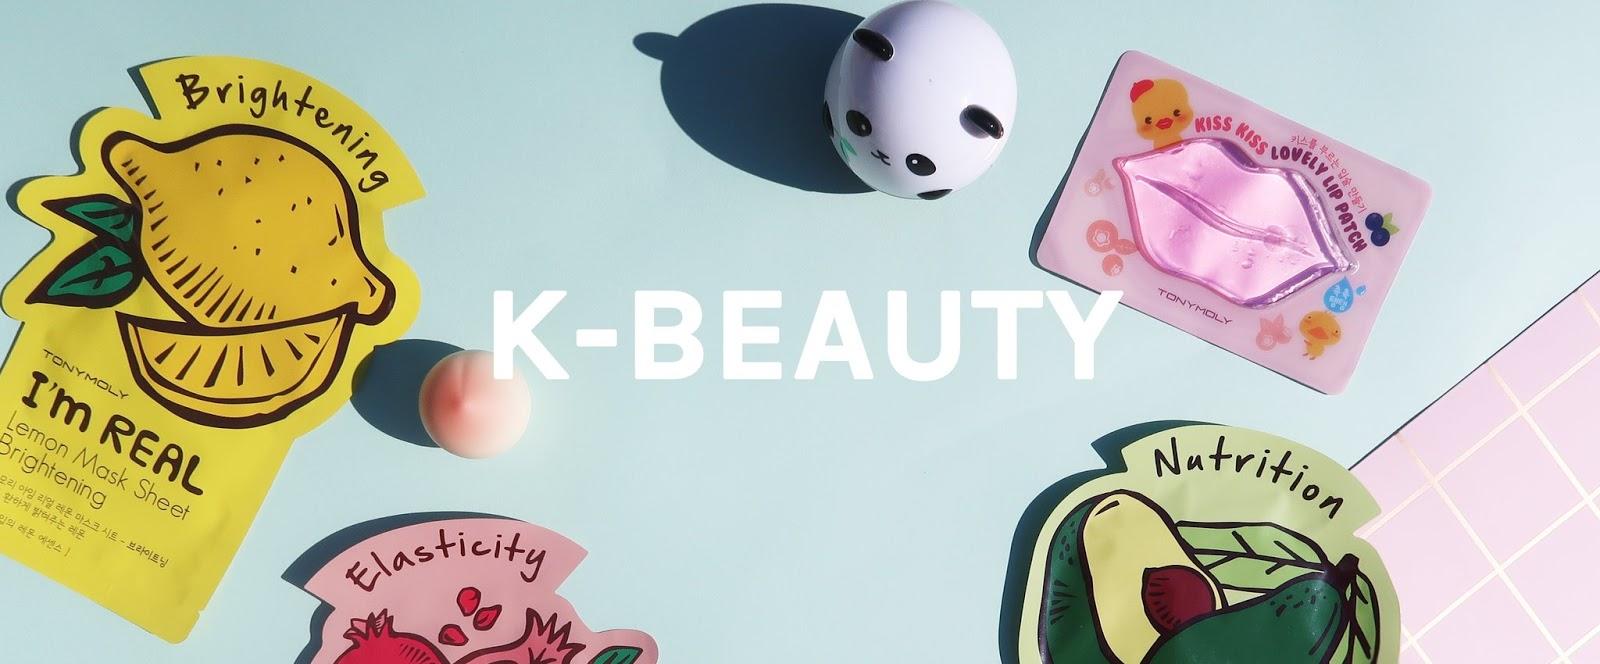 K-beauty -  missha -  o blog da mo